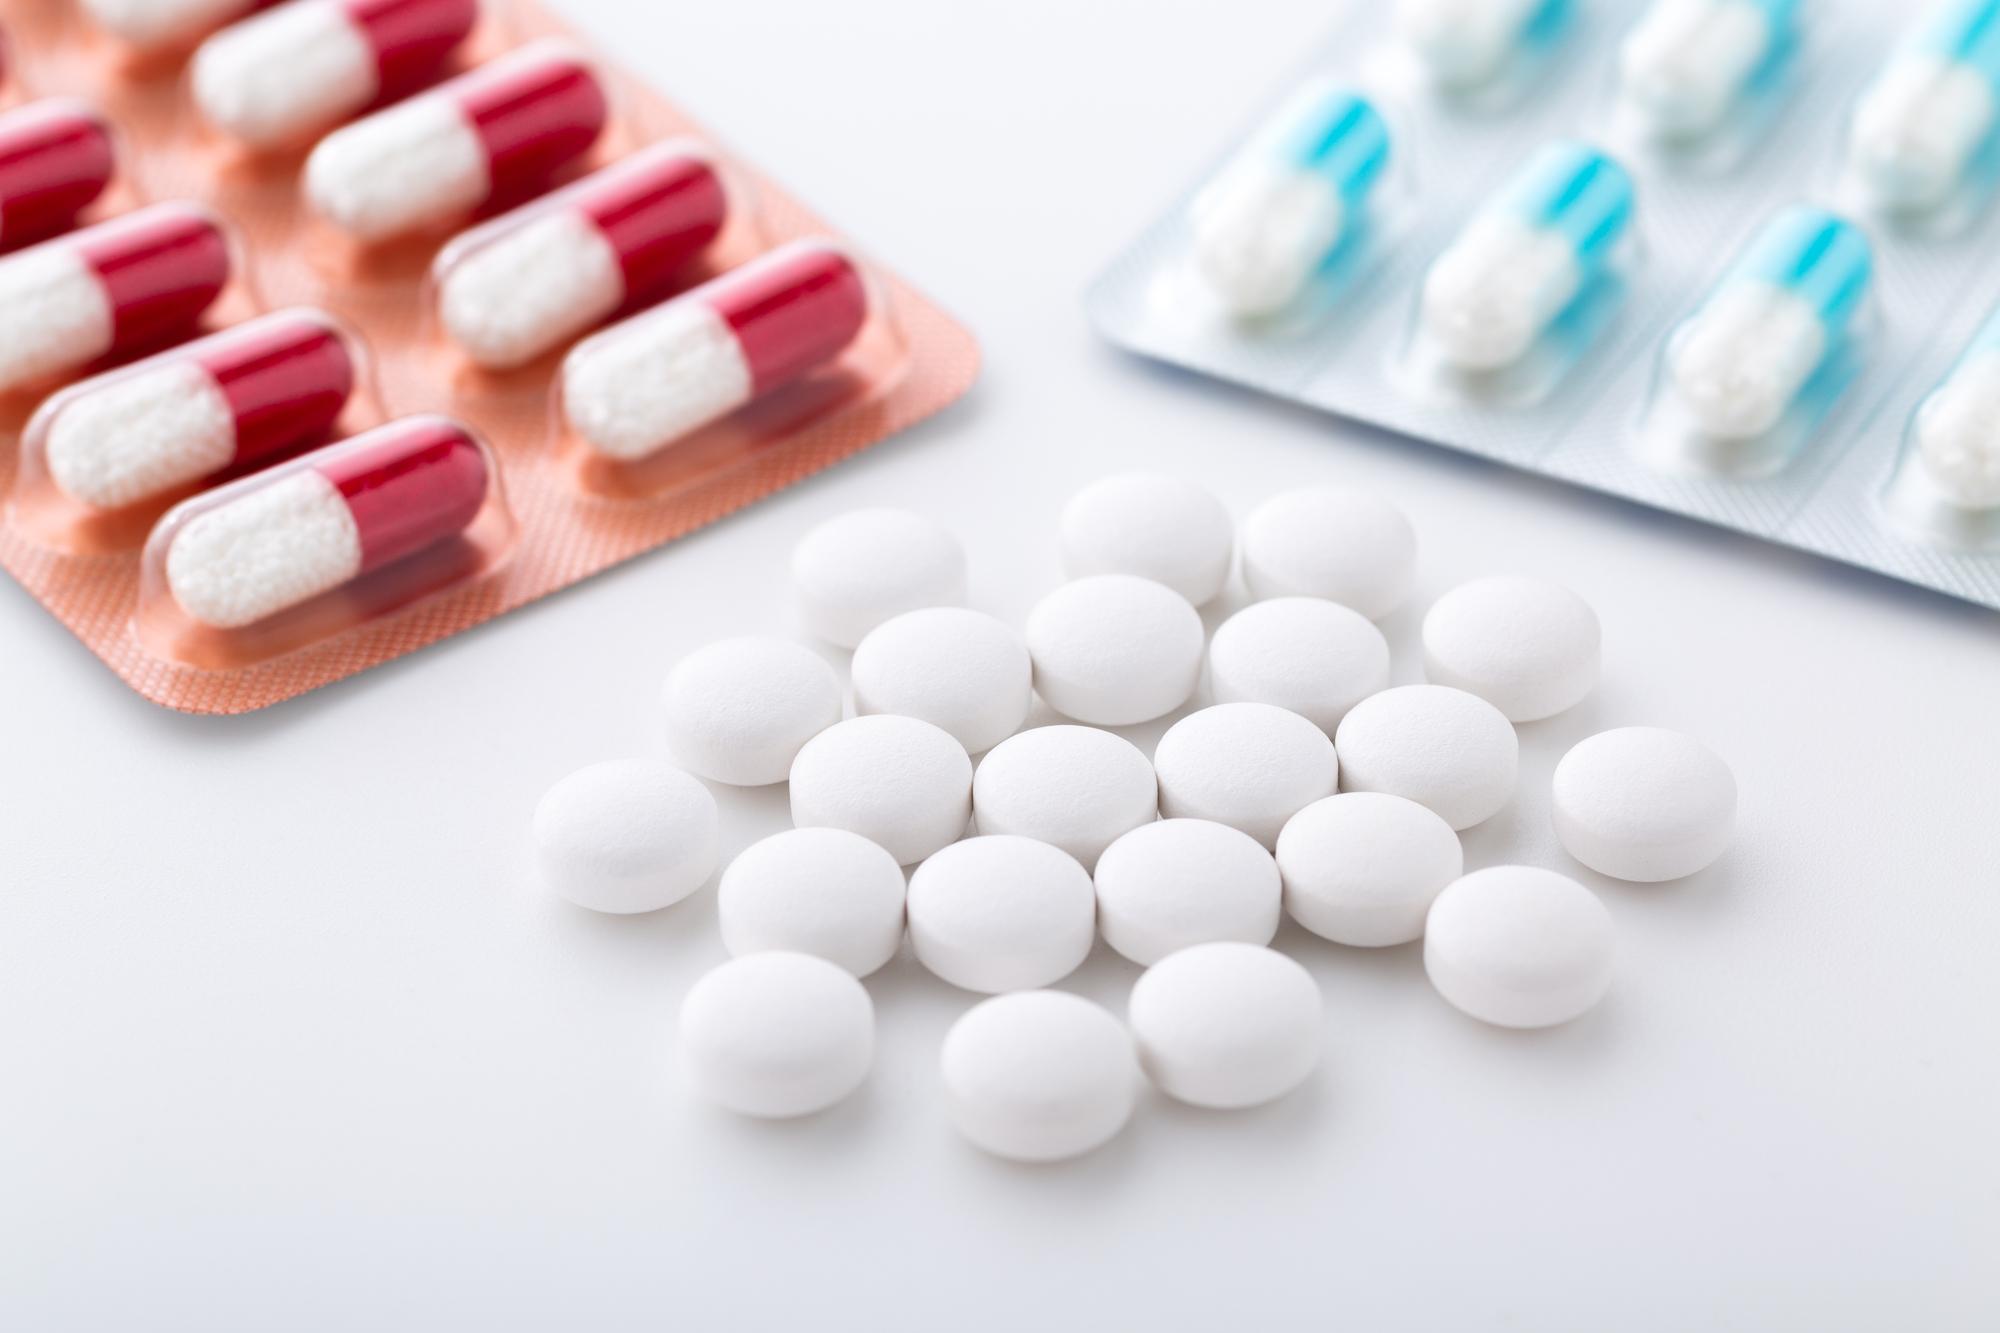 狭心症は投薬治療が第一選択